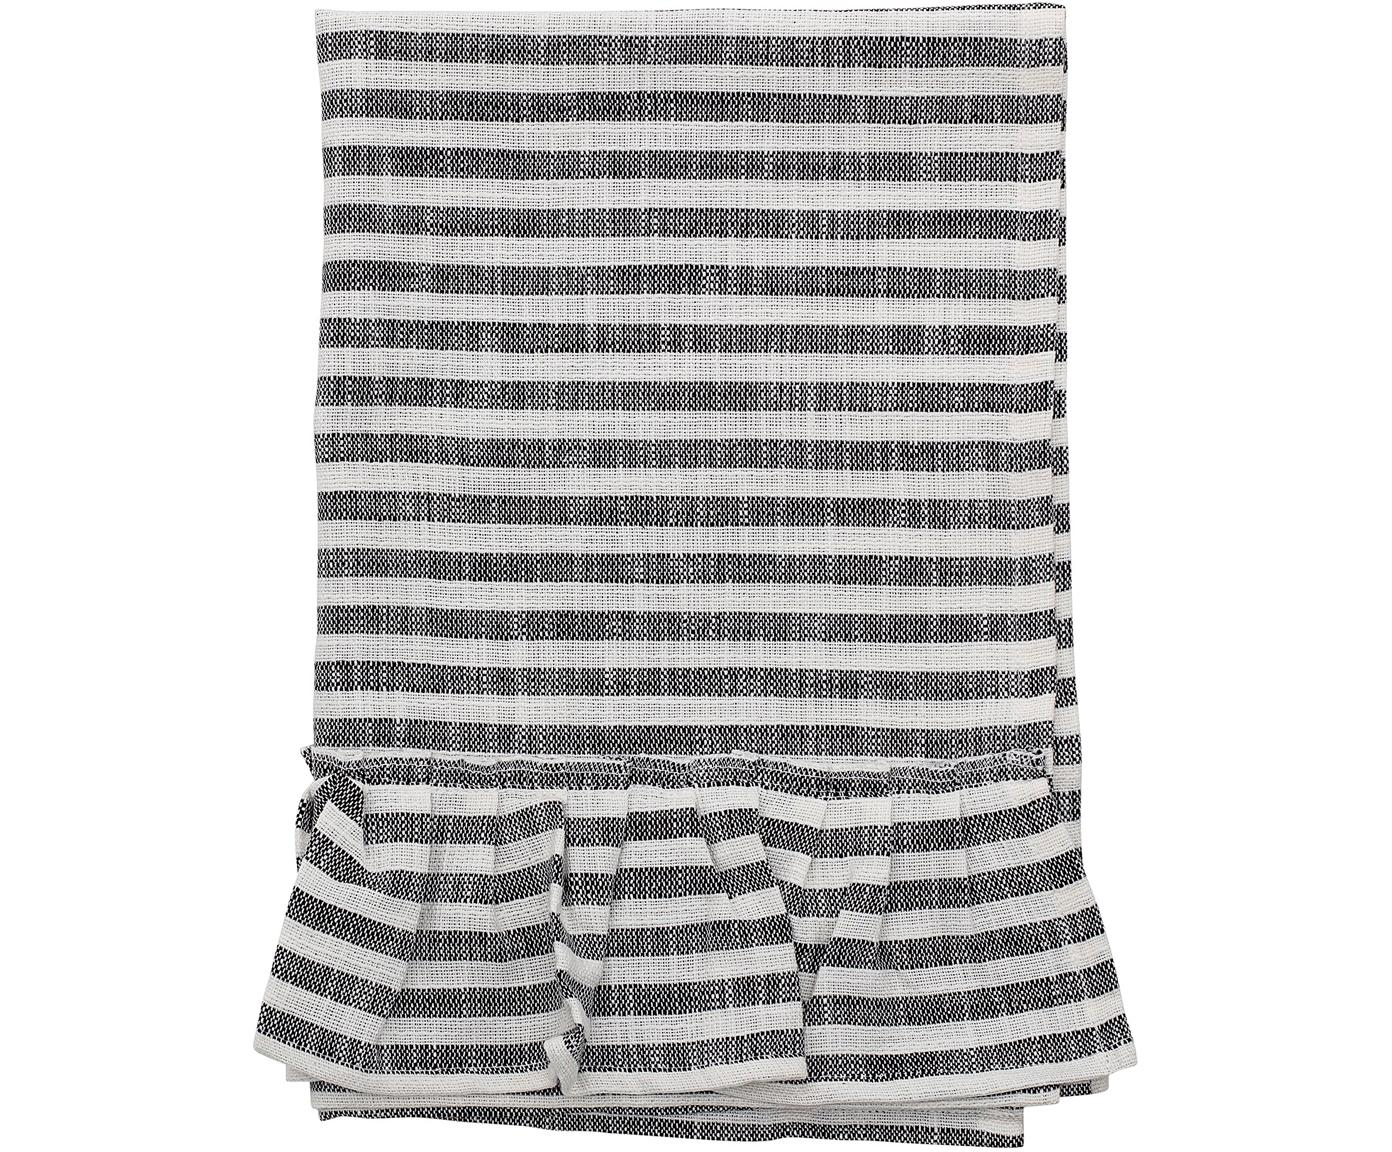 Geschirrtuch Egina mit Rüschen, Baumwolle, Schwarz, gebrochenes Weiß, 45 x 70 cm